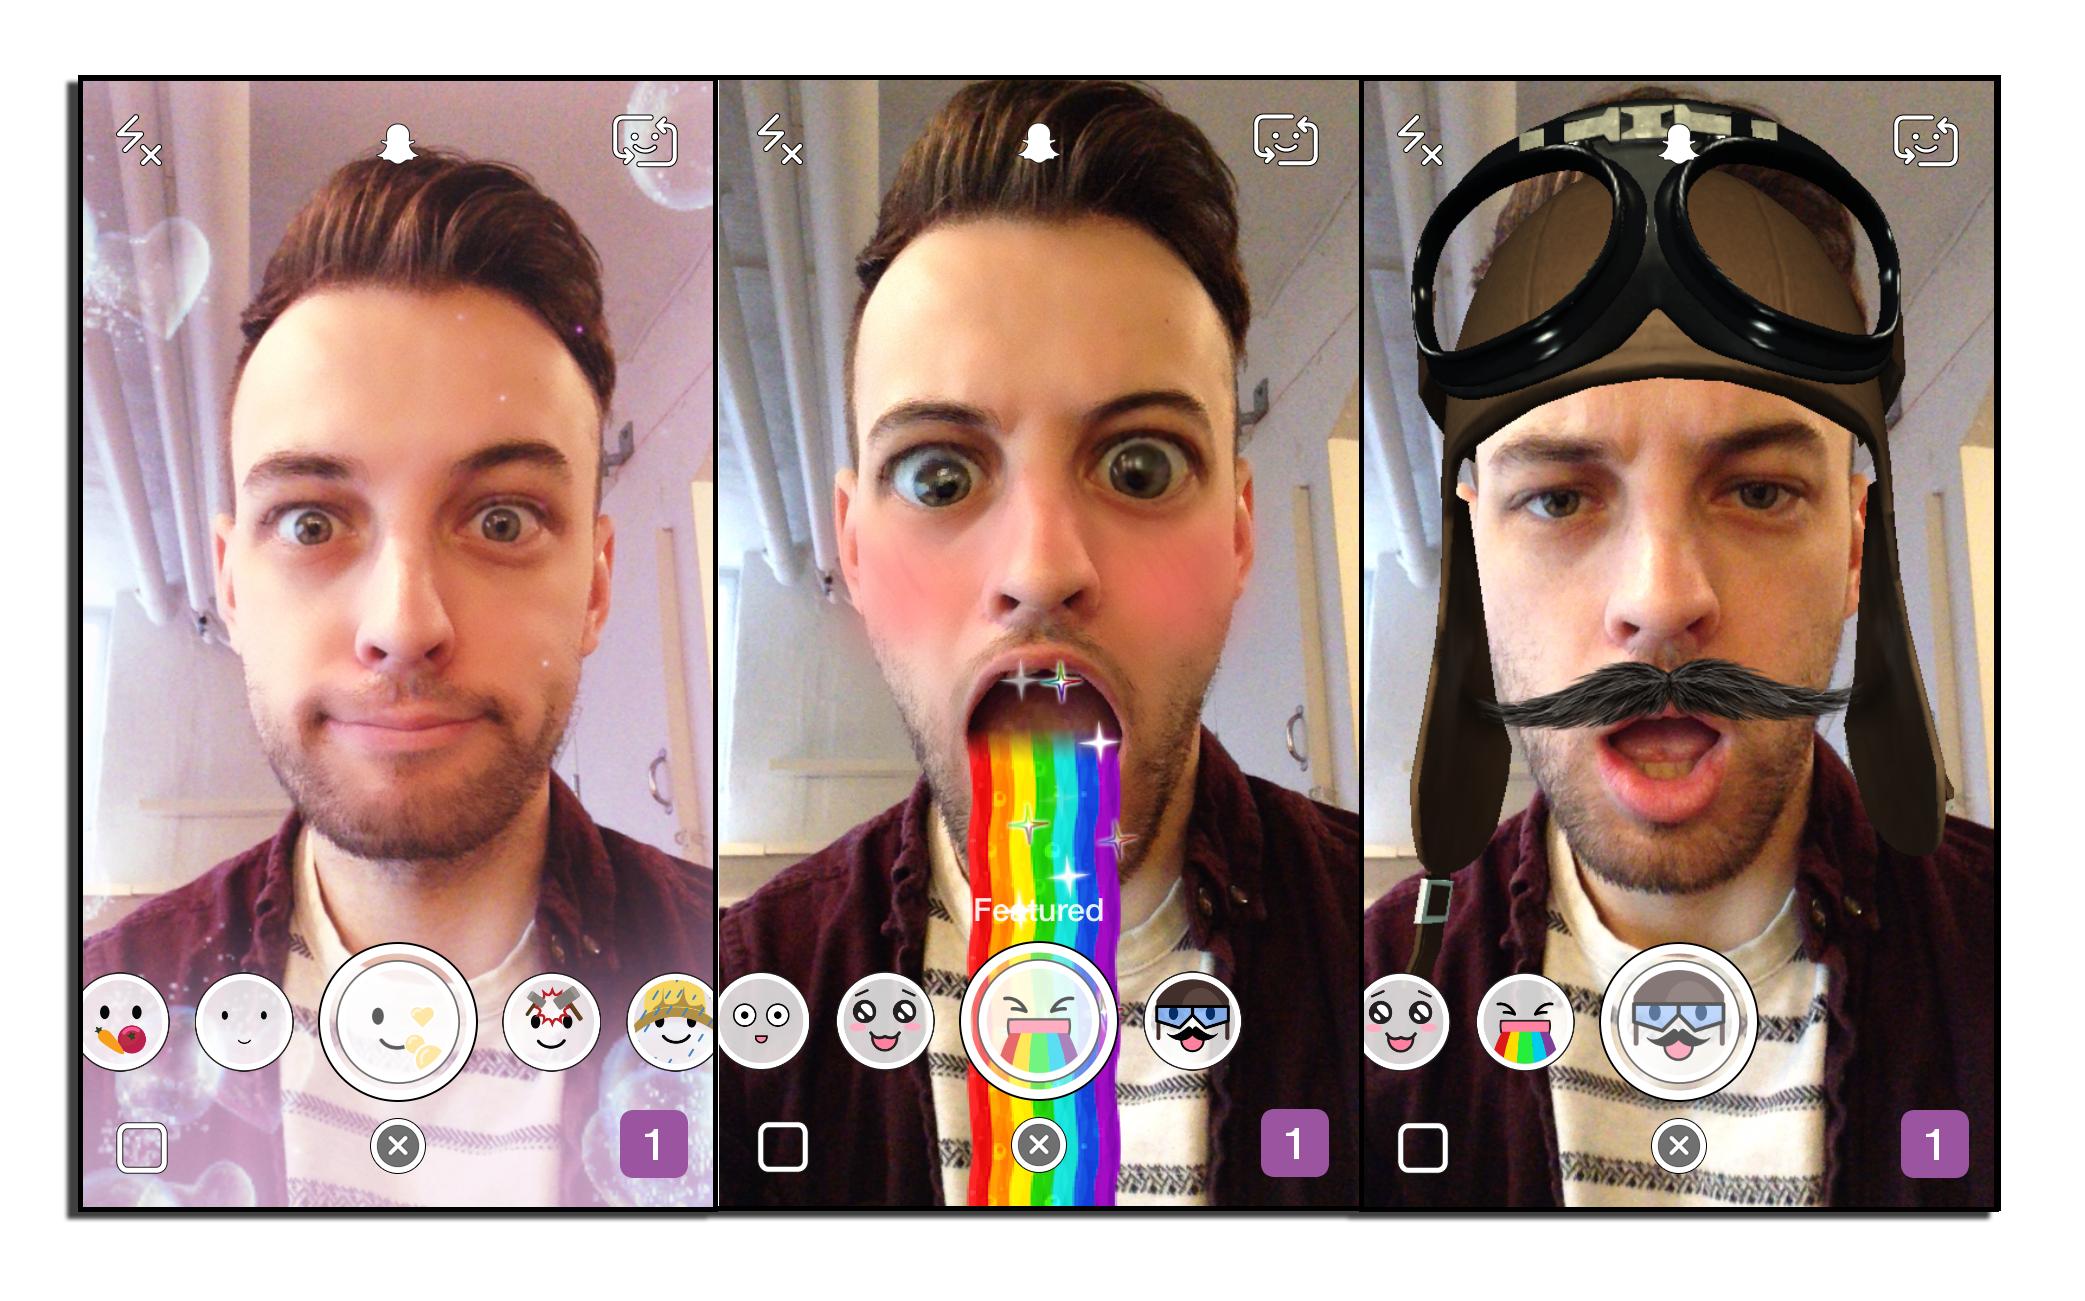 Как пользоваться snapchat? - mobcompany.info